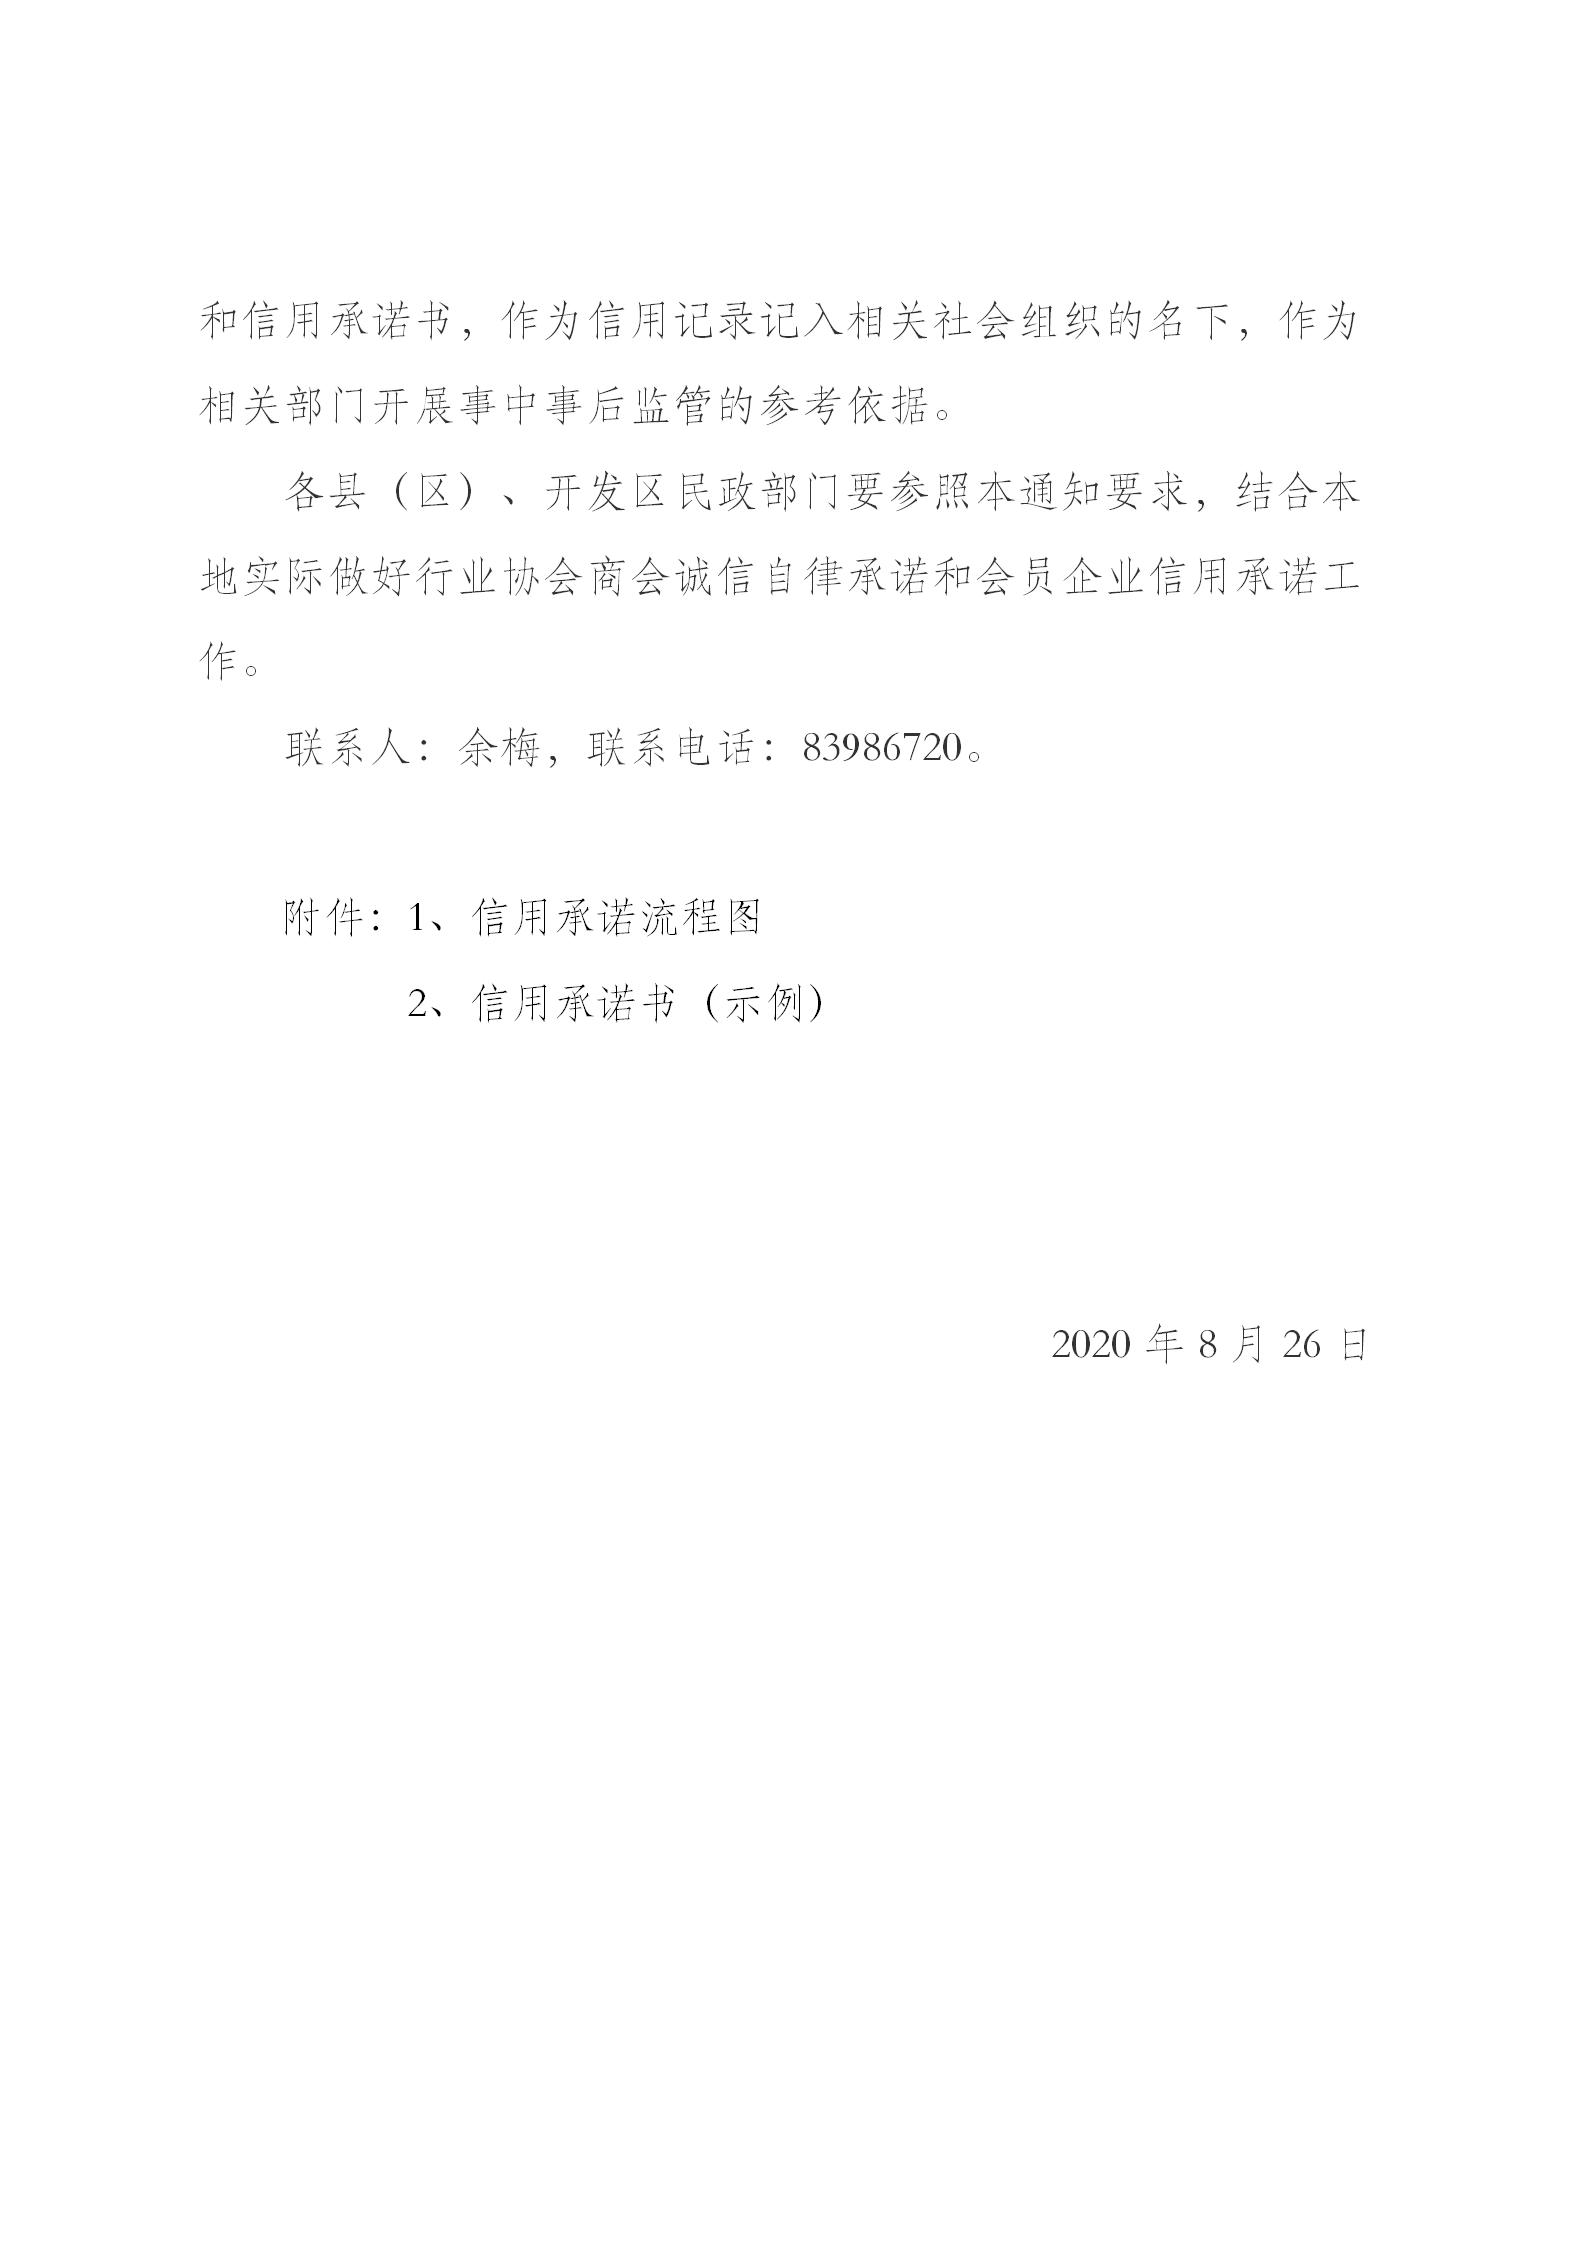 南昌市民政局关于开展行业协会商会诚信自律承诺工作的通知(20200827)_03.png